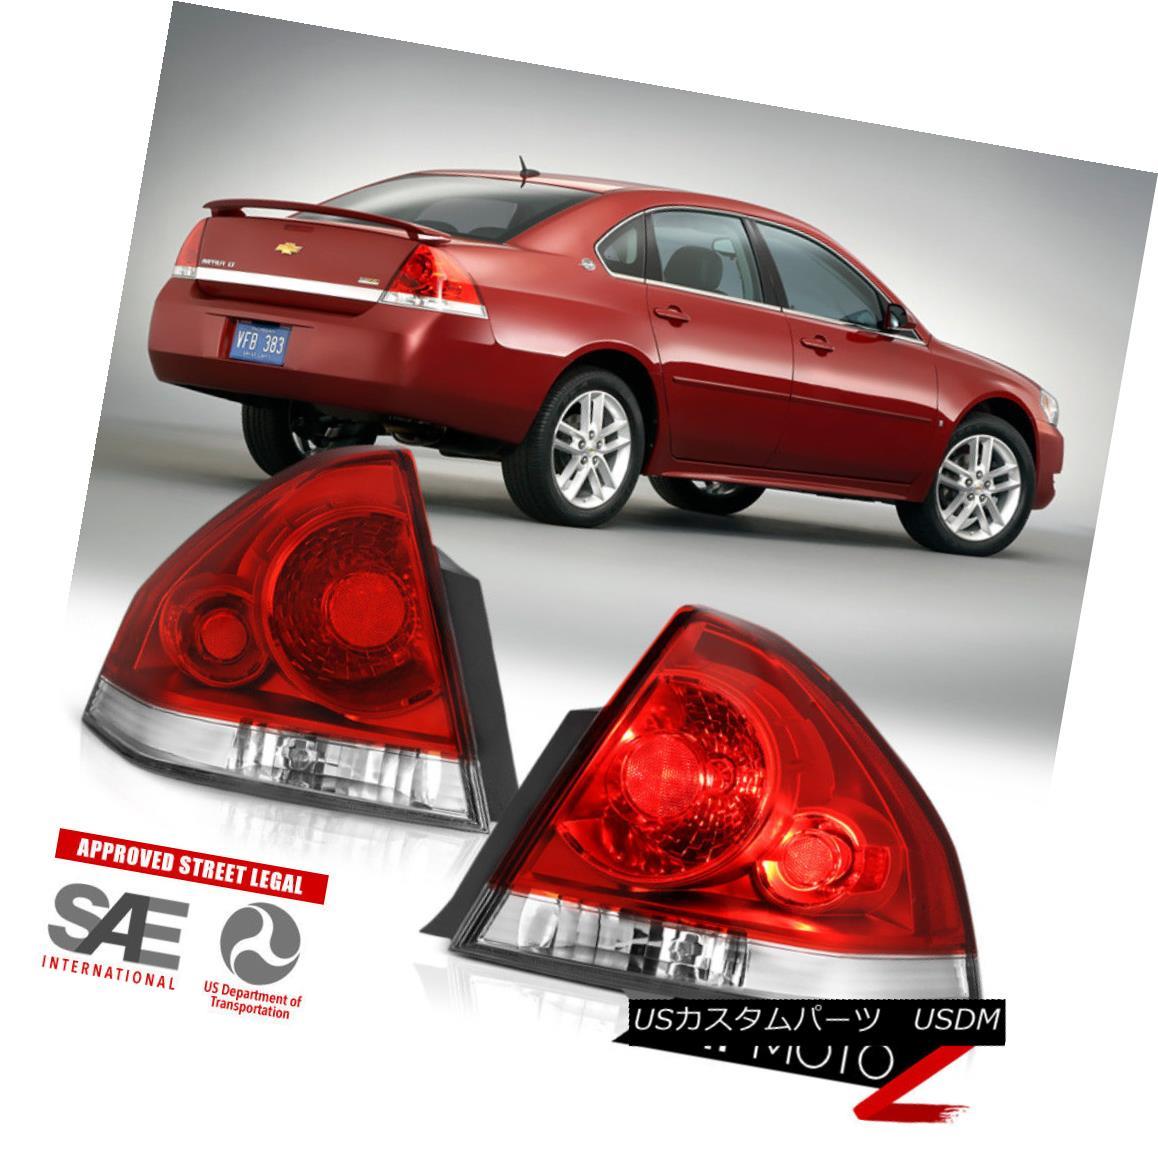 テールライト 06-13 Chevy Impala Red Clear Brake Singal Lamp Replacement Tail Light L+R Pair 06-13シボレーインパラレッドクリアブレーキシングルスランプ交換テールライトL + Rペア